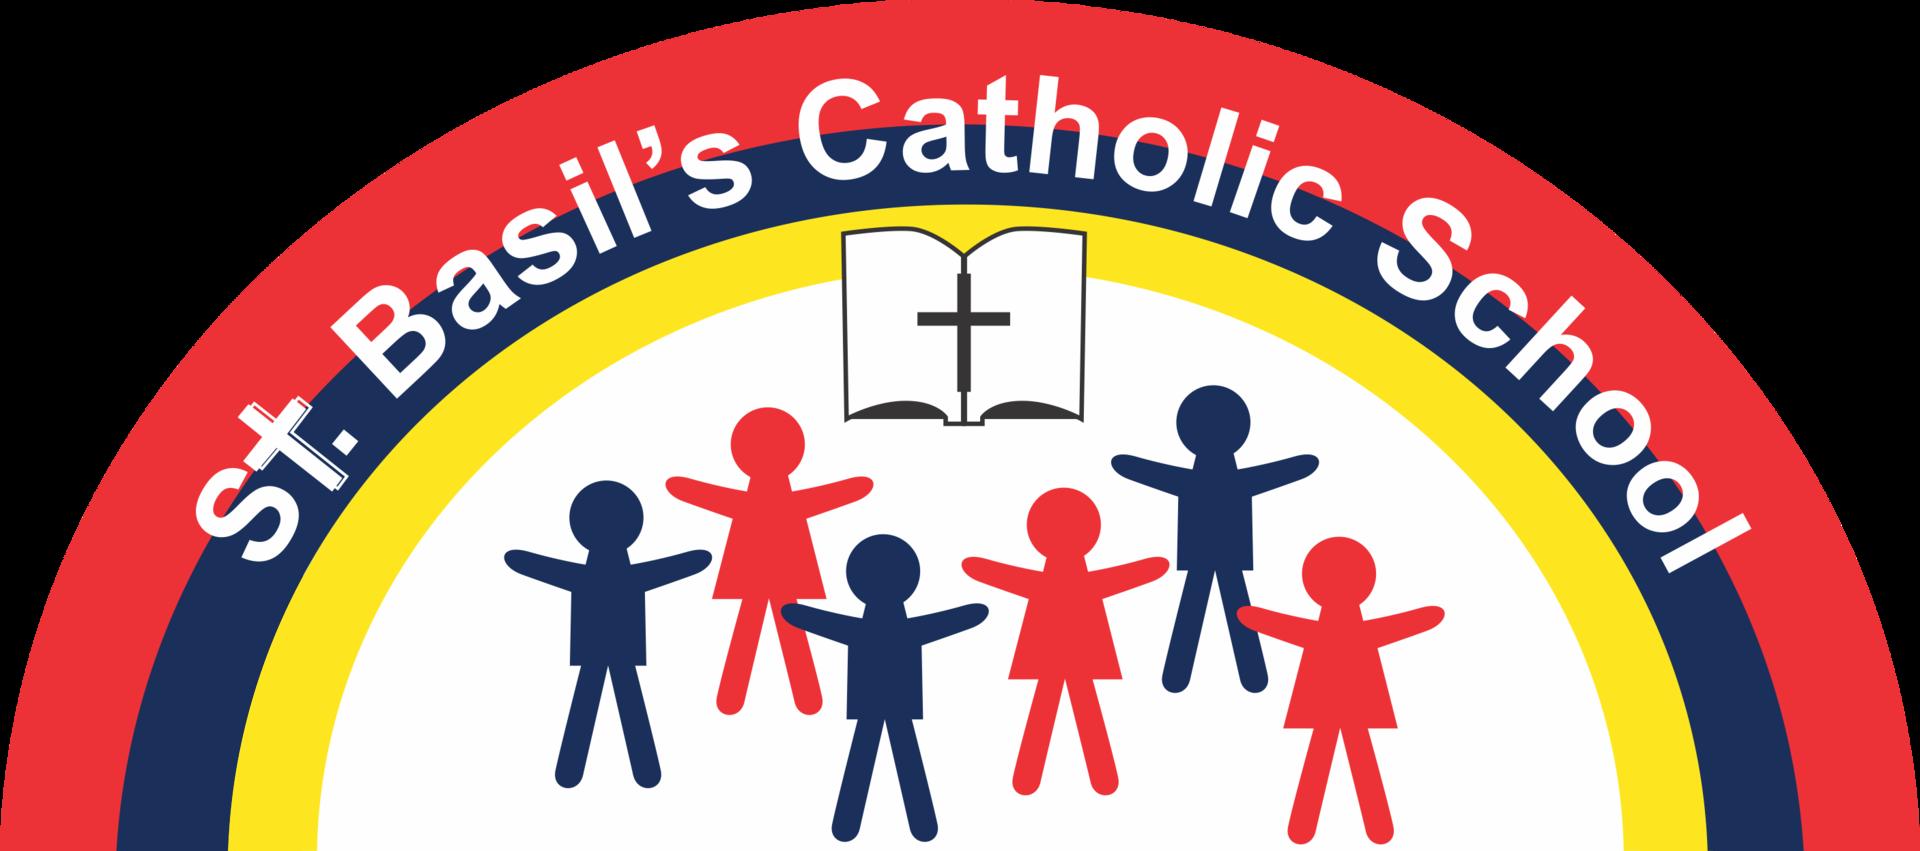 St. Basil's Logo